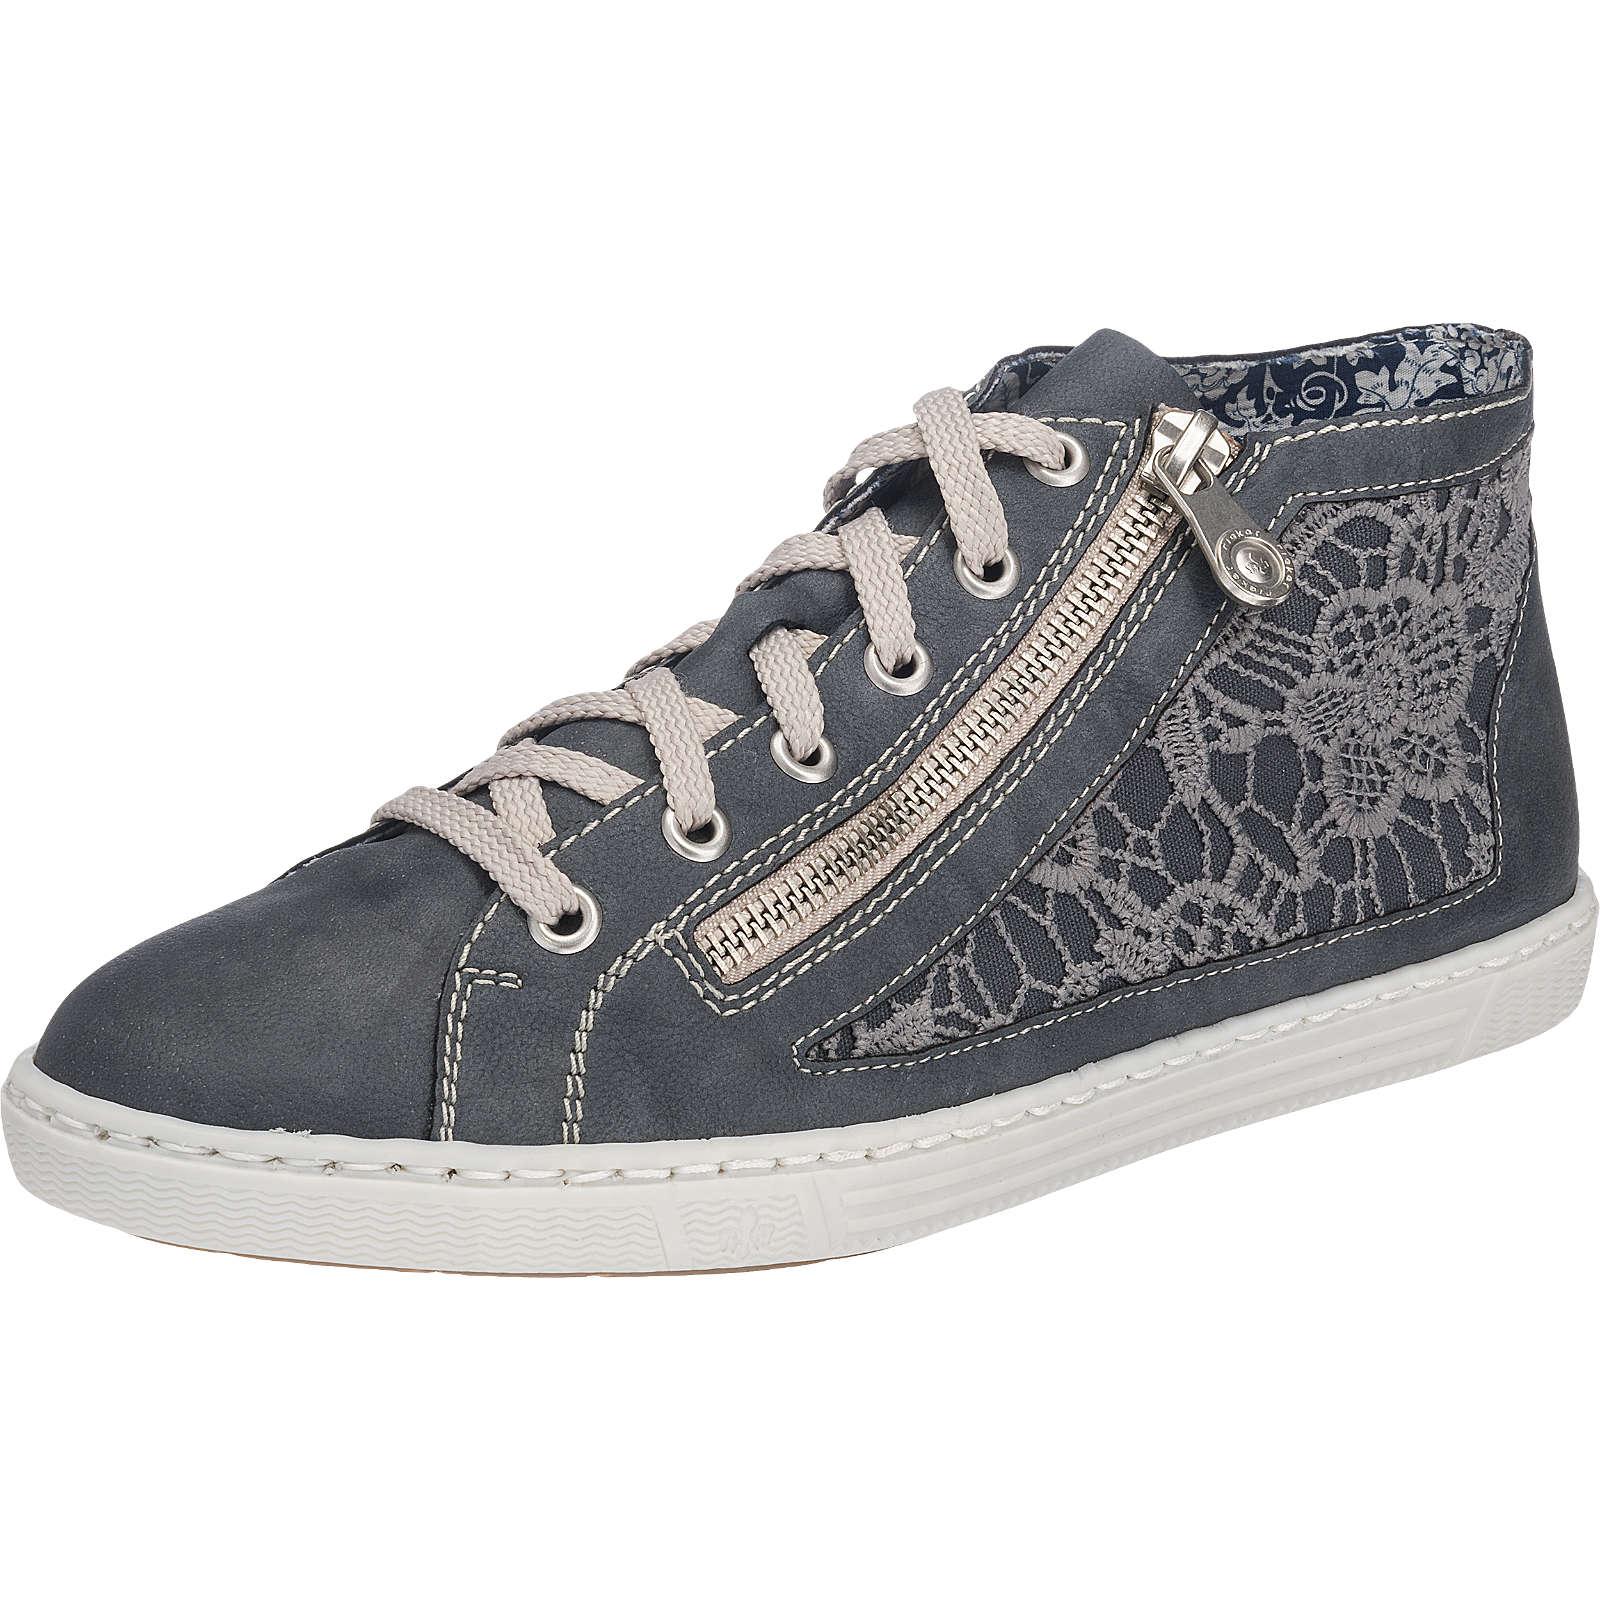 rieker Sneakers blau Damen Gr. 38